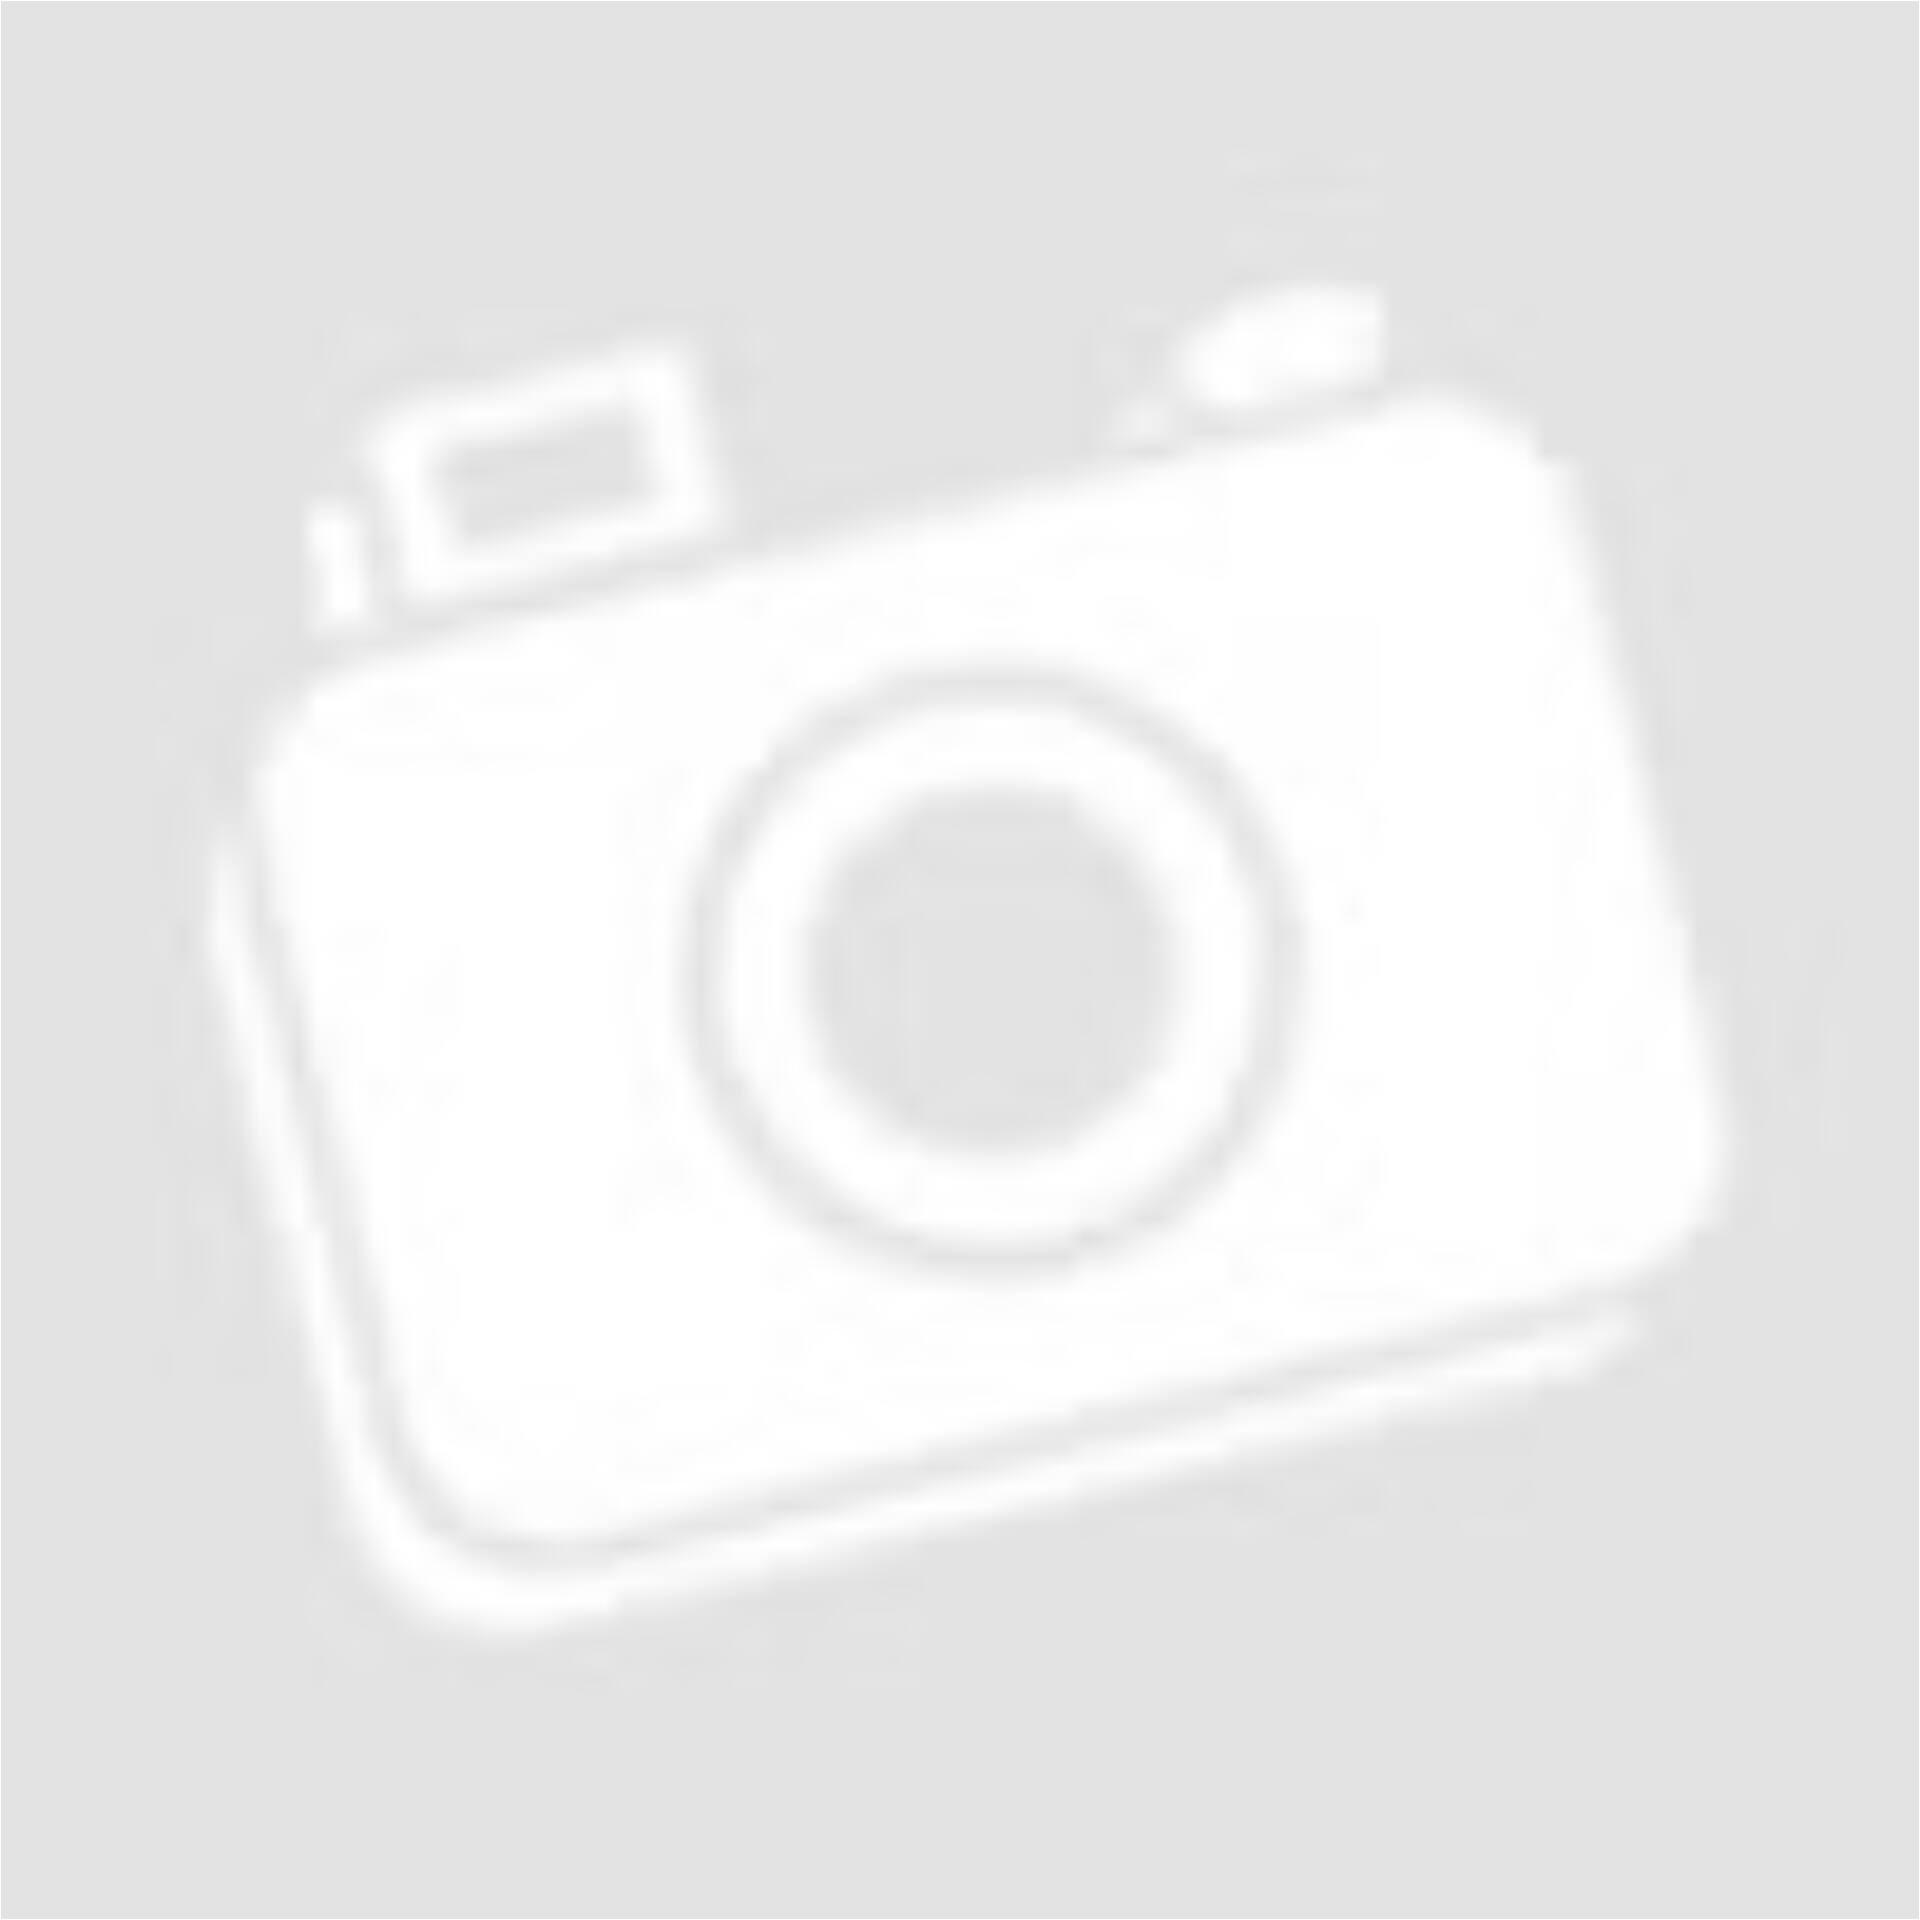 919247cad8 H&M fekete női nadrág - Pamut, szövetnadrág - Öltözz ki webáruház ...